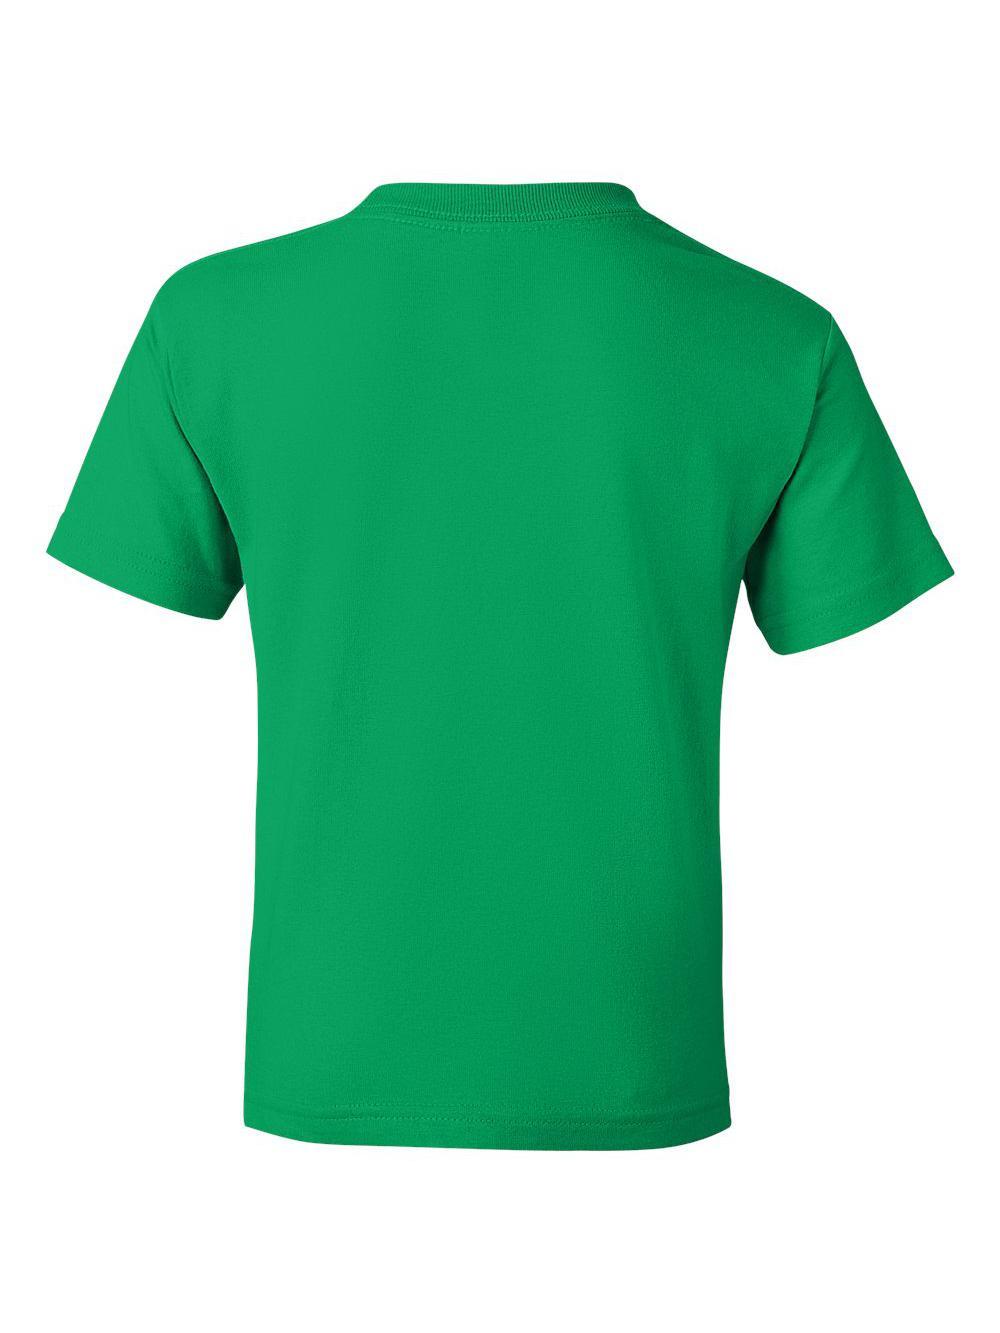 Gildan-DryBlend-Youth-50-50-T-Shirt-8000B thumbnail 49